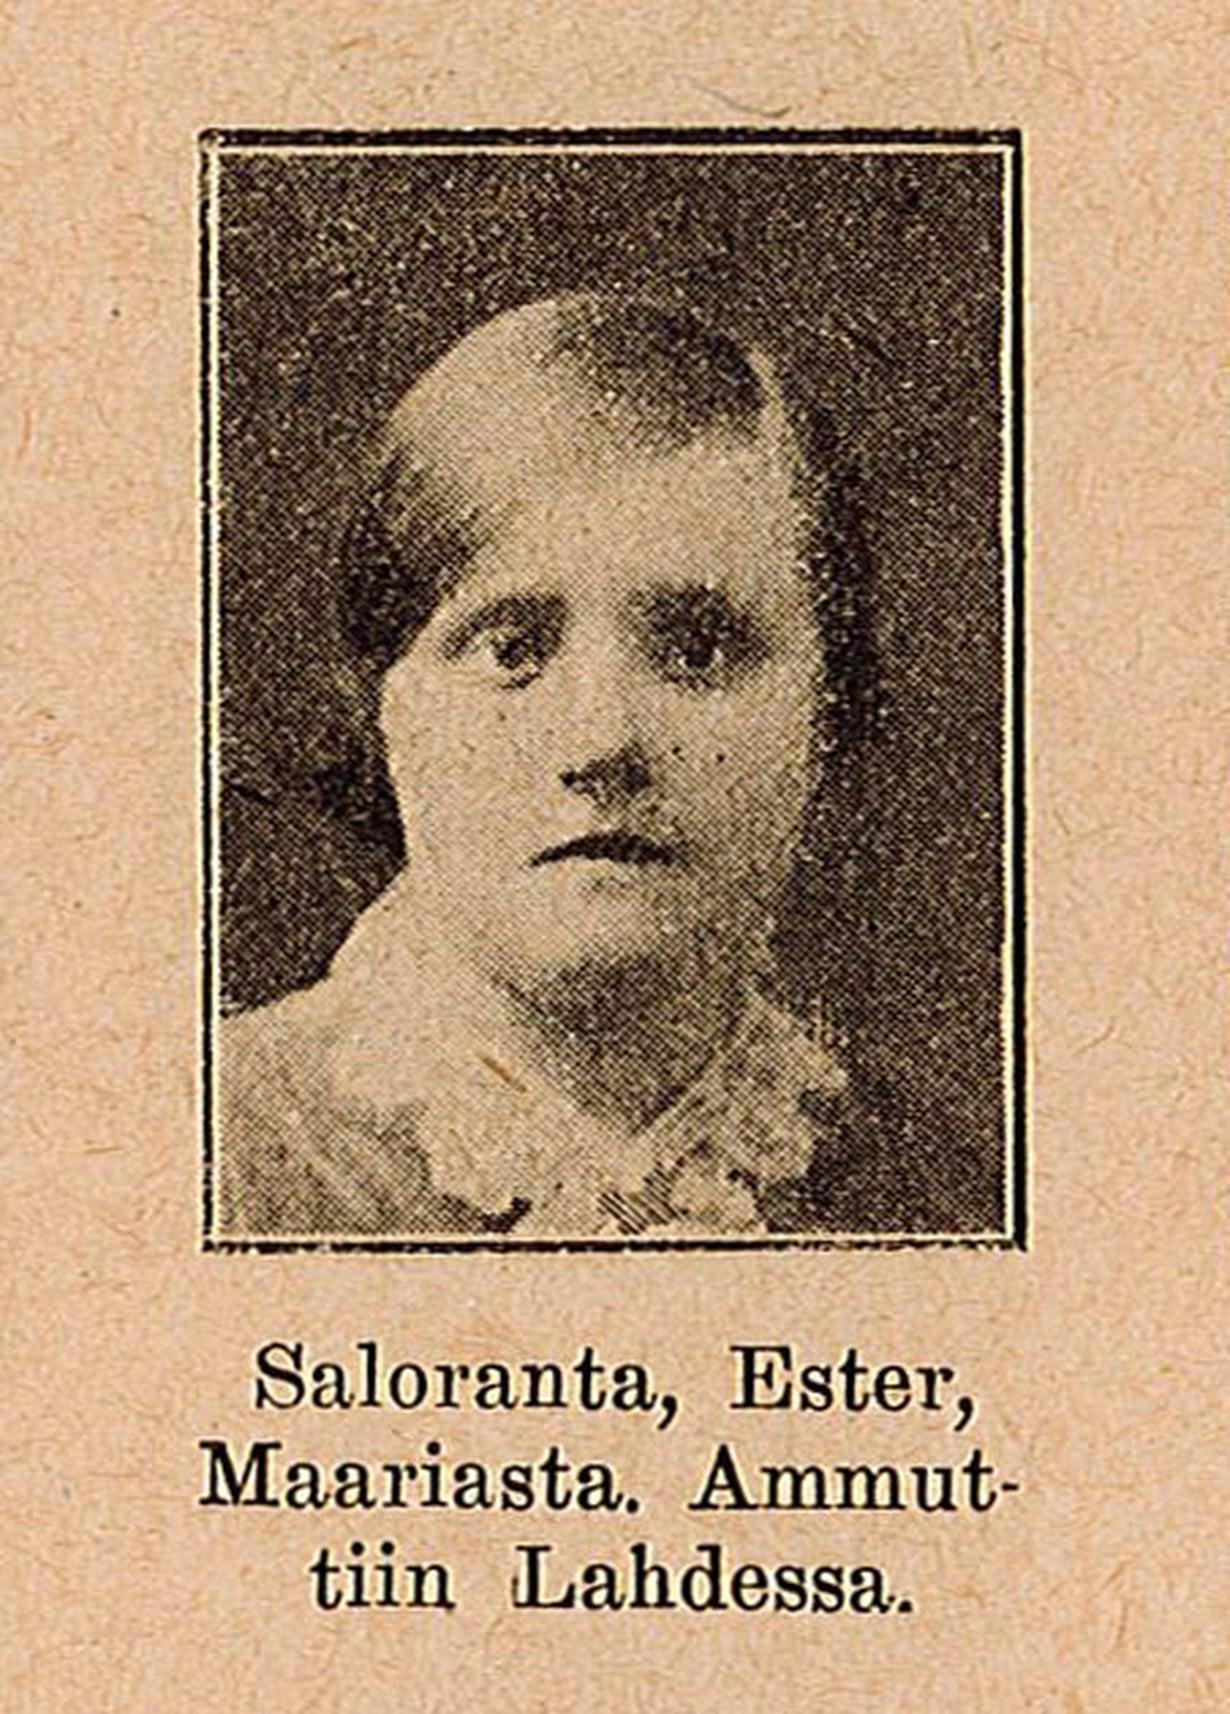 Esteristä ja monista muista teloitetuista julkaistiin kuvat Itä ja Länsi -lehdessä vuonna 1928. Lehti herätti paheksuntaa julkaisemalla kuvia ja henkilötietoja kansalaissodassa kuolleista punaisista.